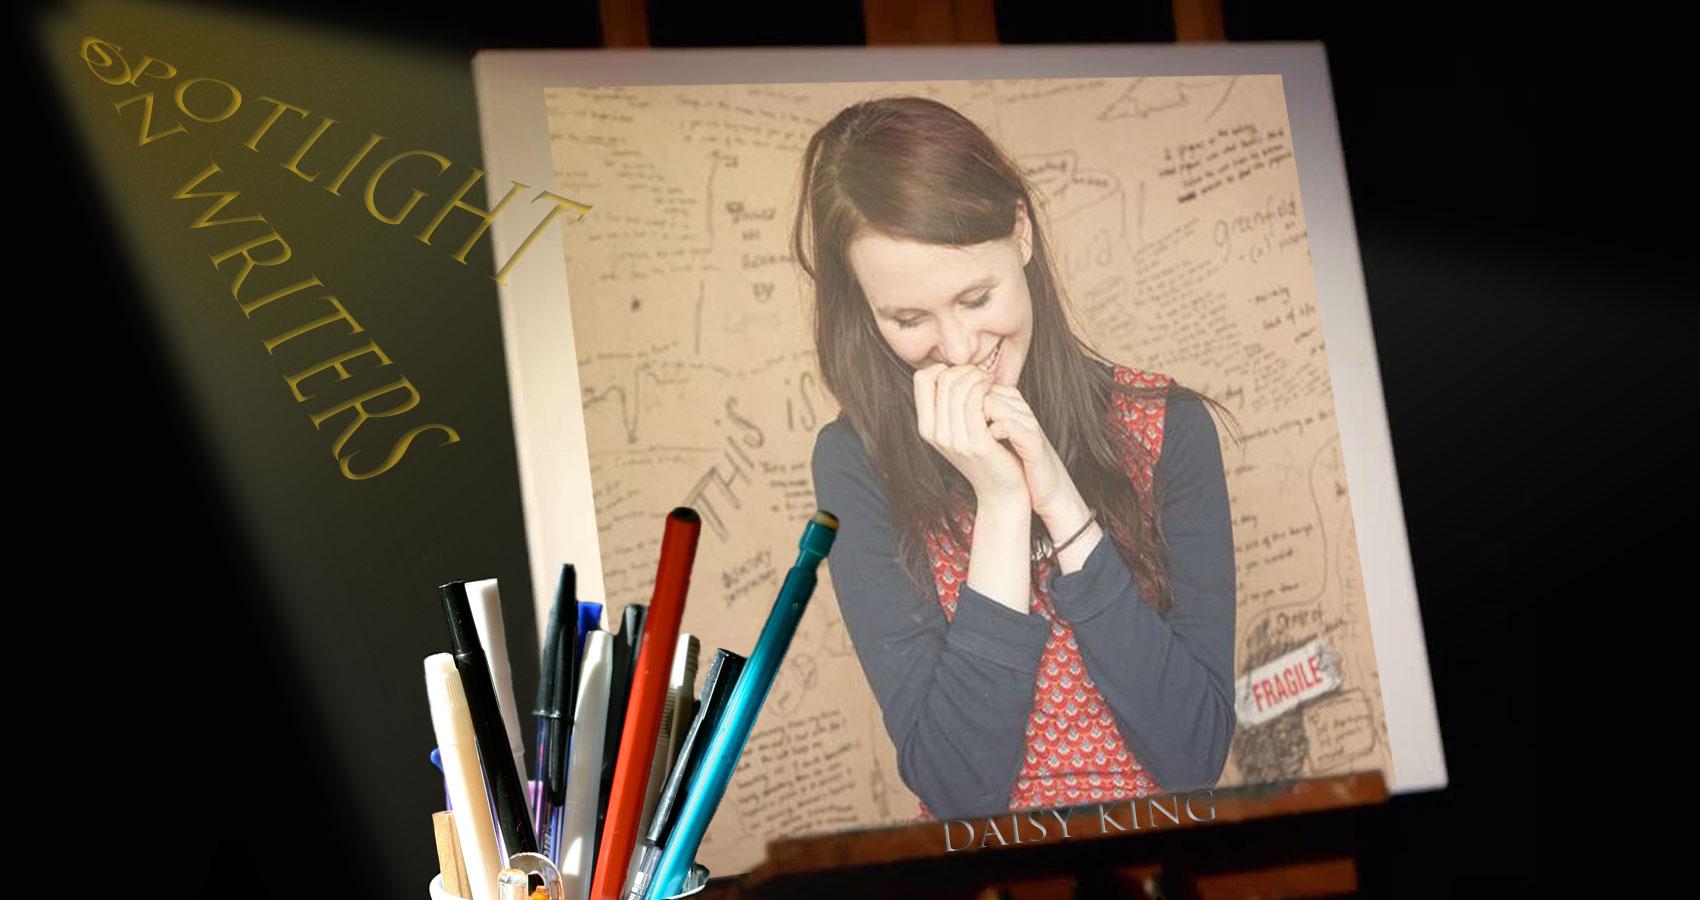 Spotlight On Writers - Daisy King at Spillwords.com